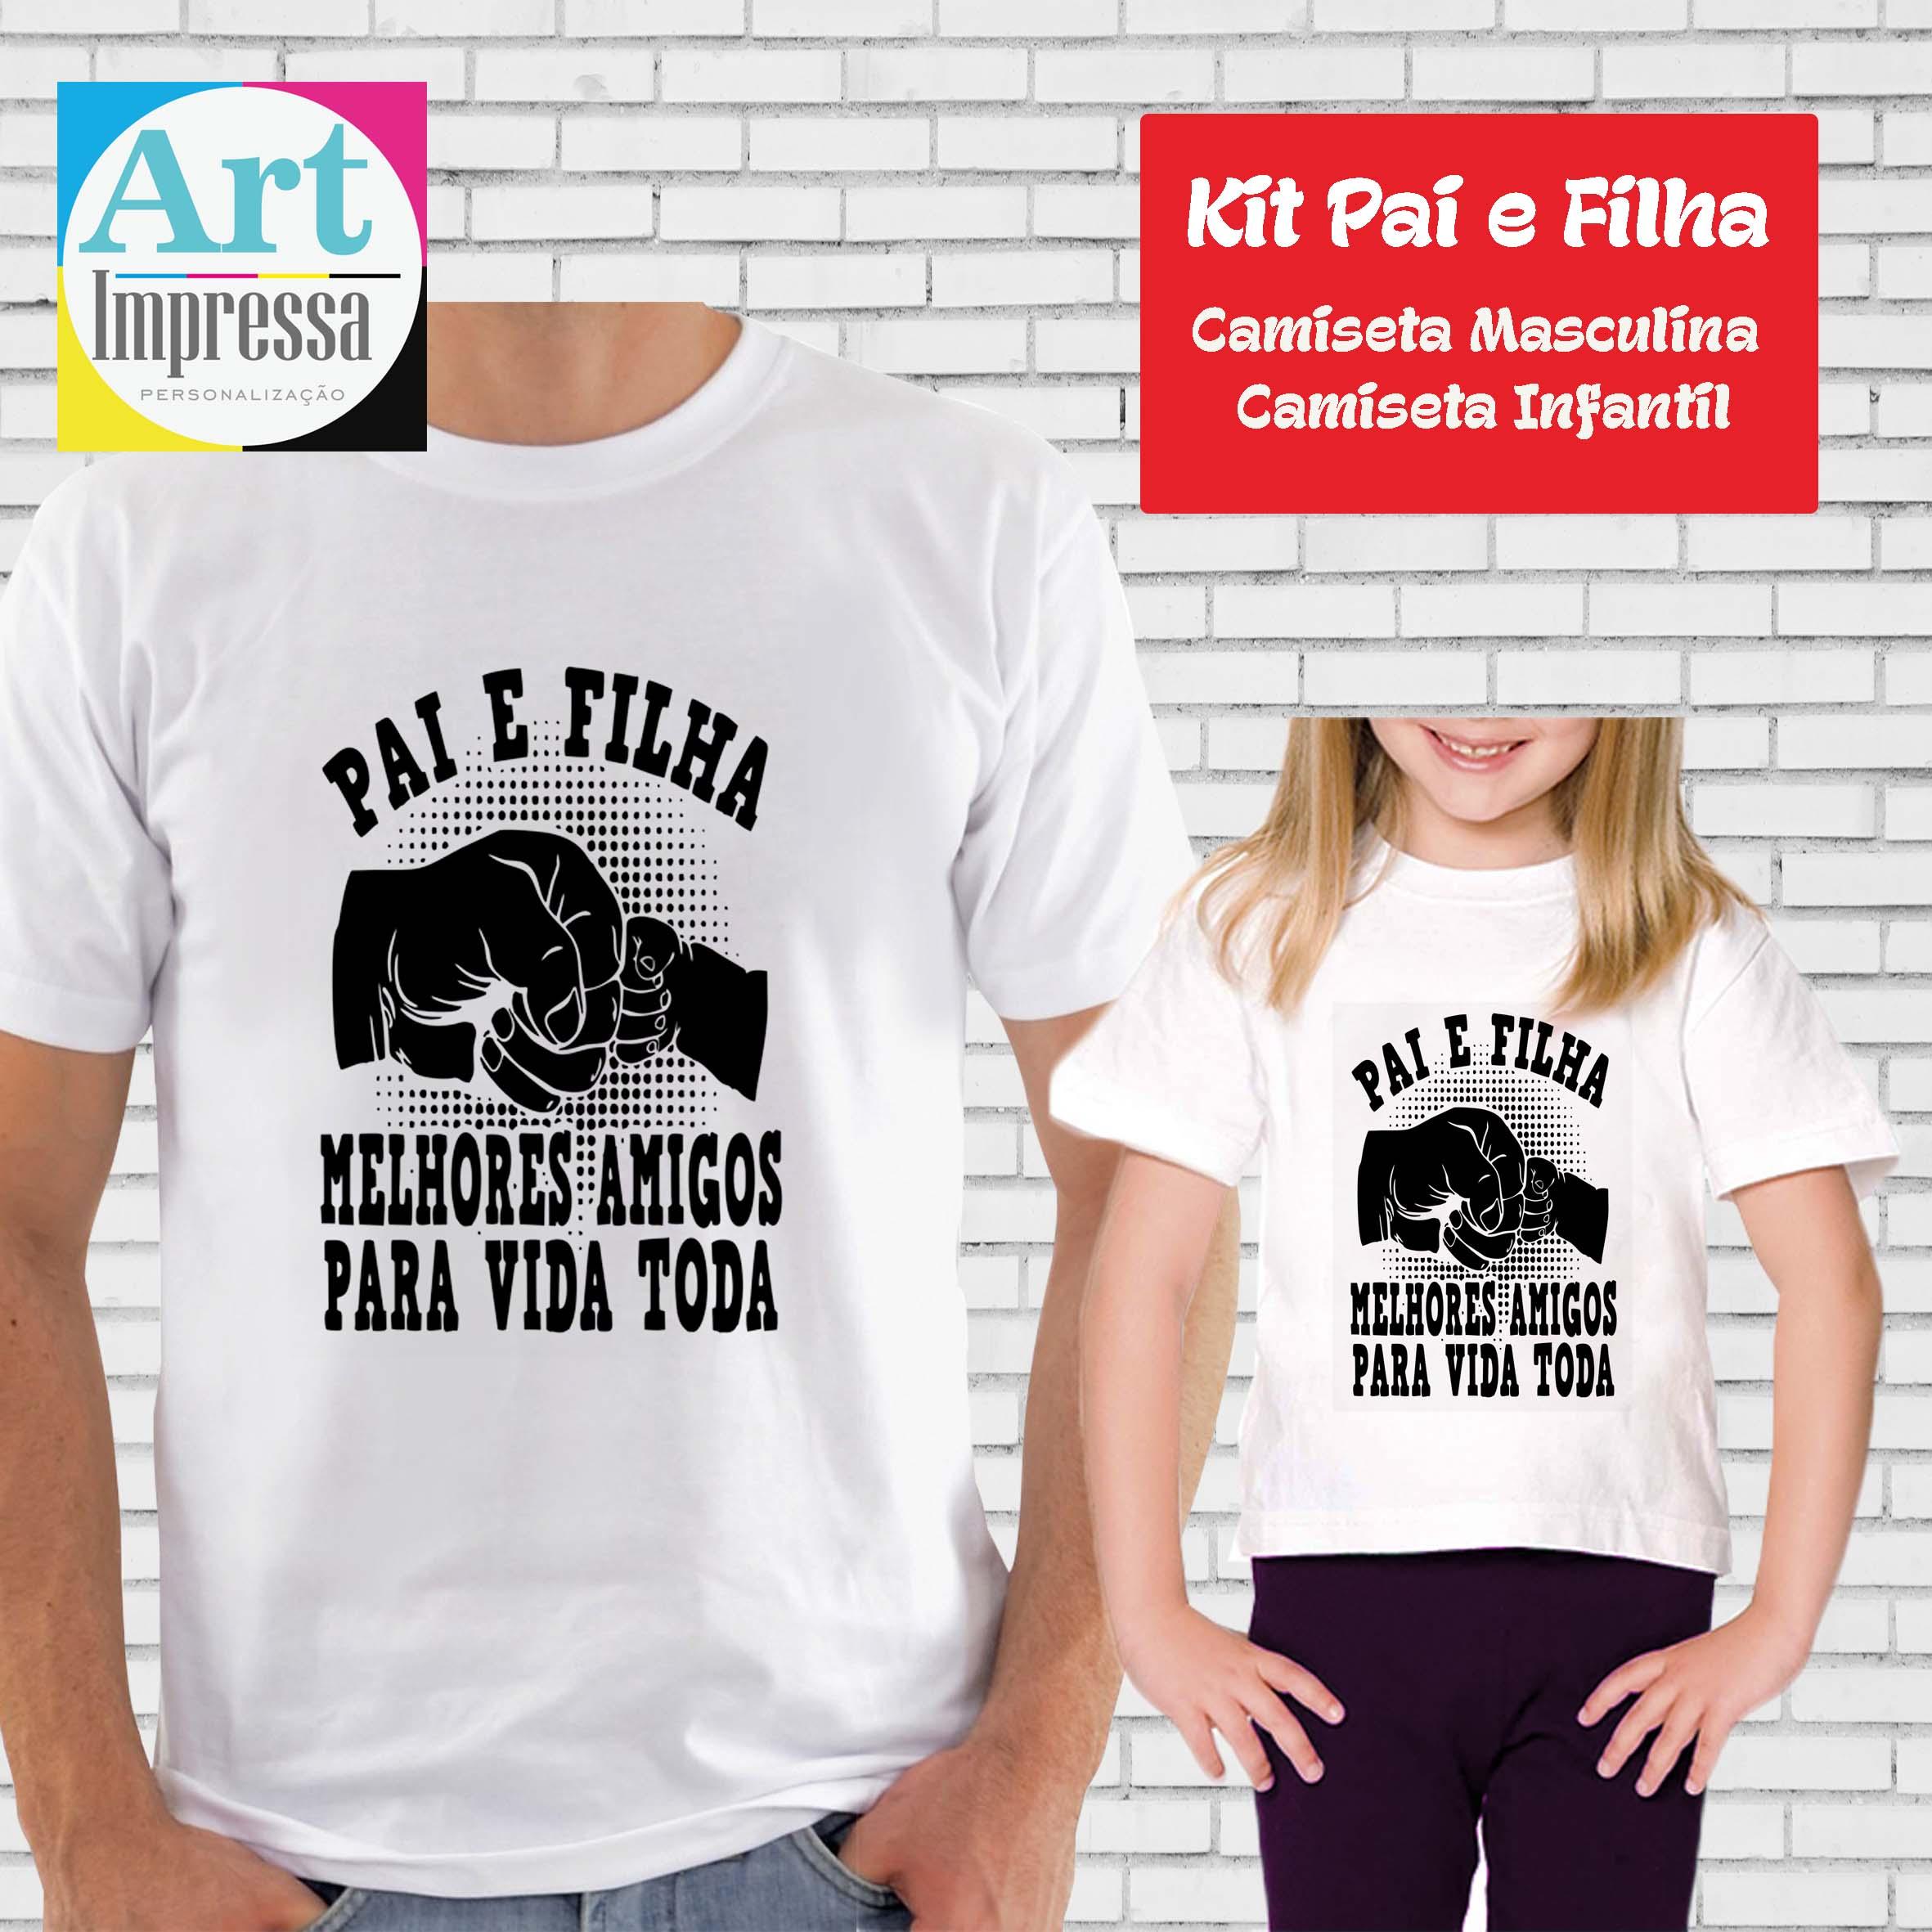 Kit Camiseta Pai E Filha Melhores Amigos No Elo7 Art Impressa